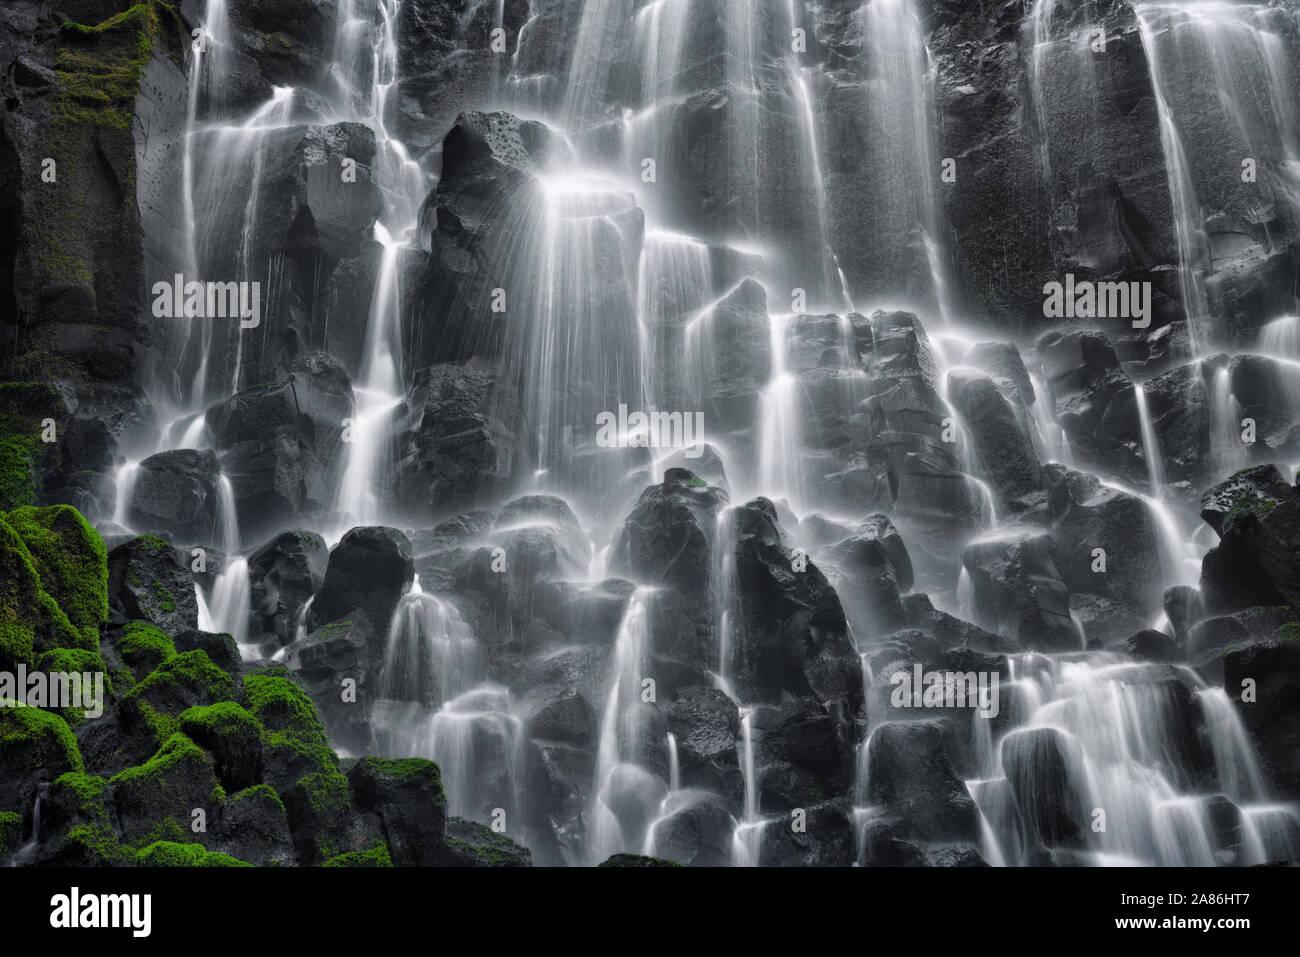 Un voile d'eau se déverse sur Oregon's Ramona Falls et le couvert de mousse dans les orgues basaltiques de Mt Hood Wilderness et le long de la Pacific Crest Trail. Banque D'Images